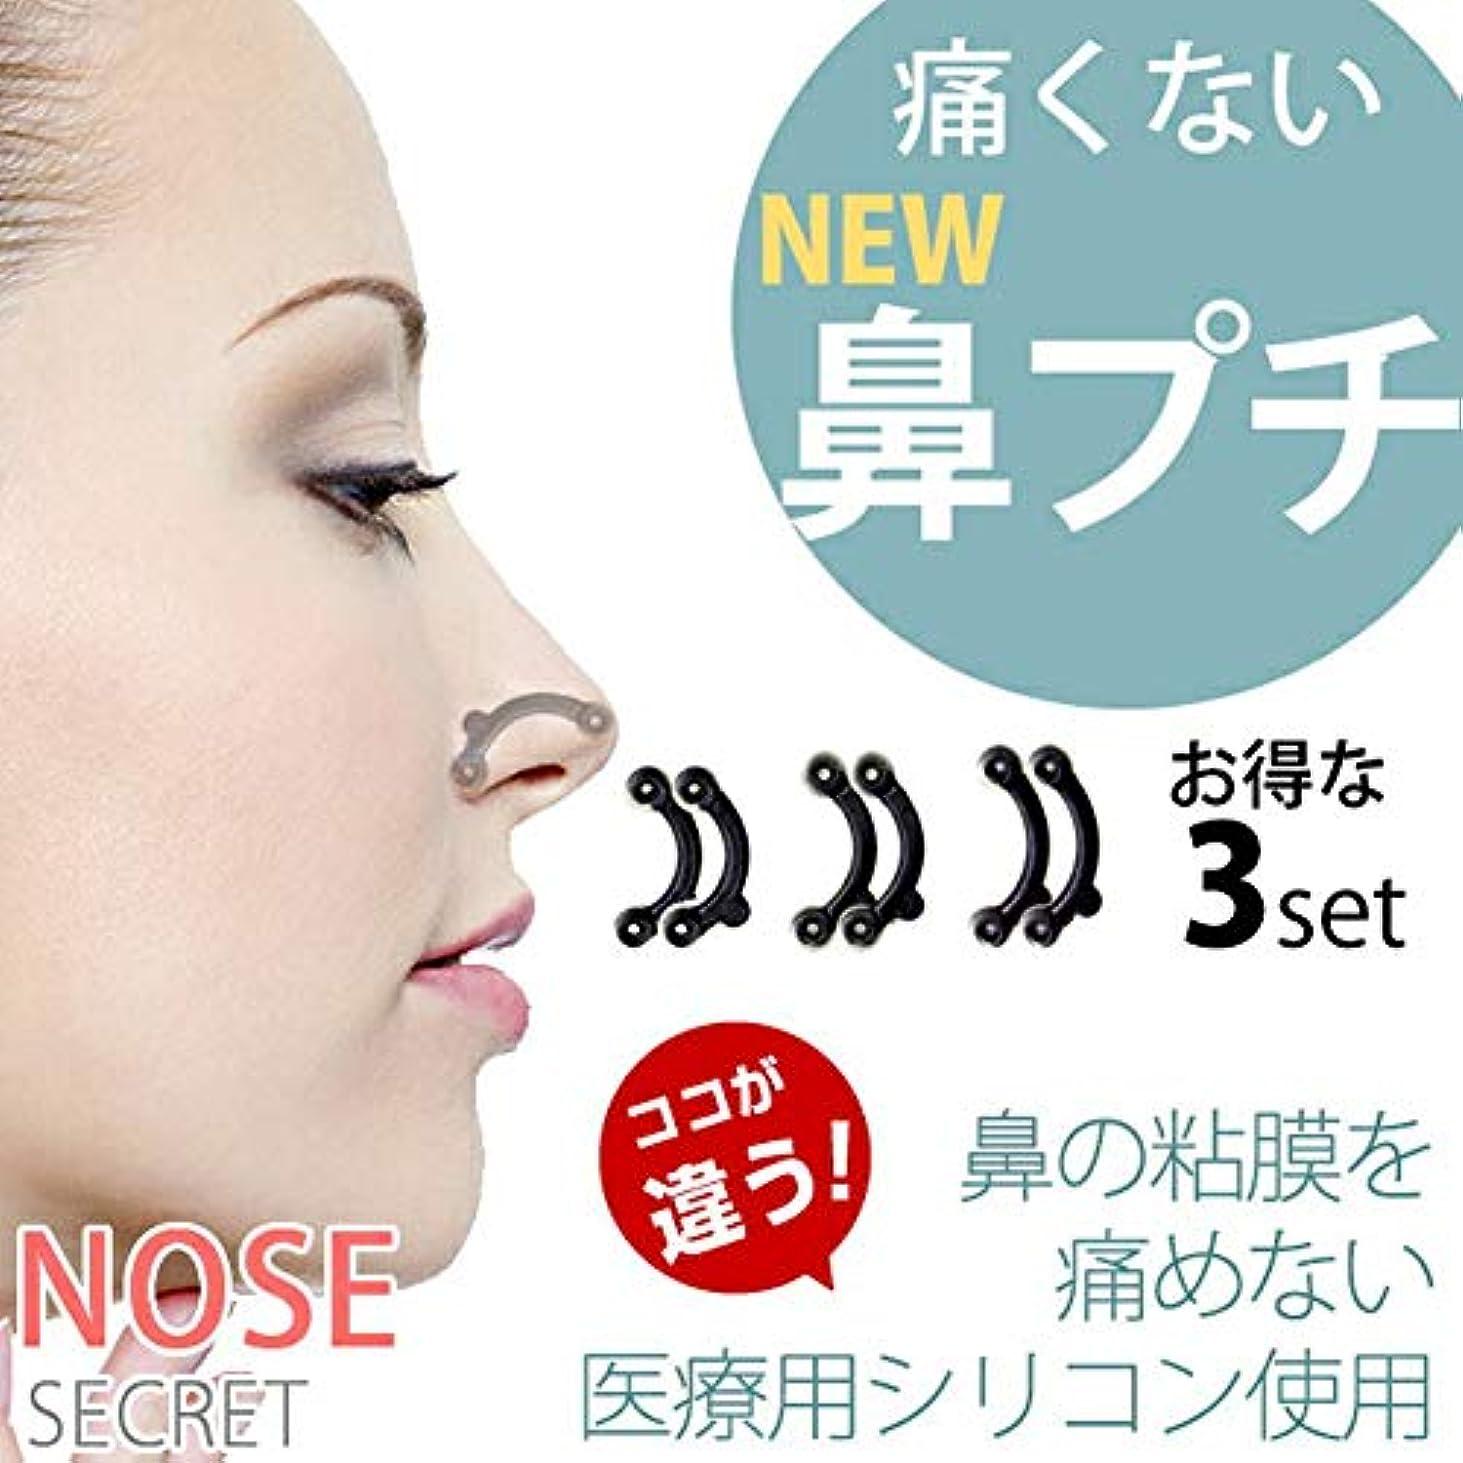 倉庫人生を作る経済的鼻プチ 柔軟性高く Viconaビューティー正規品 ハナのアイプチ 矯正プチ 整形せず 23mm/24.5mm/26mm全3サイズセット